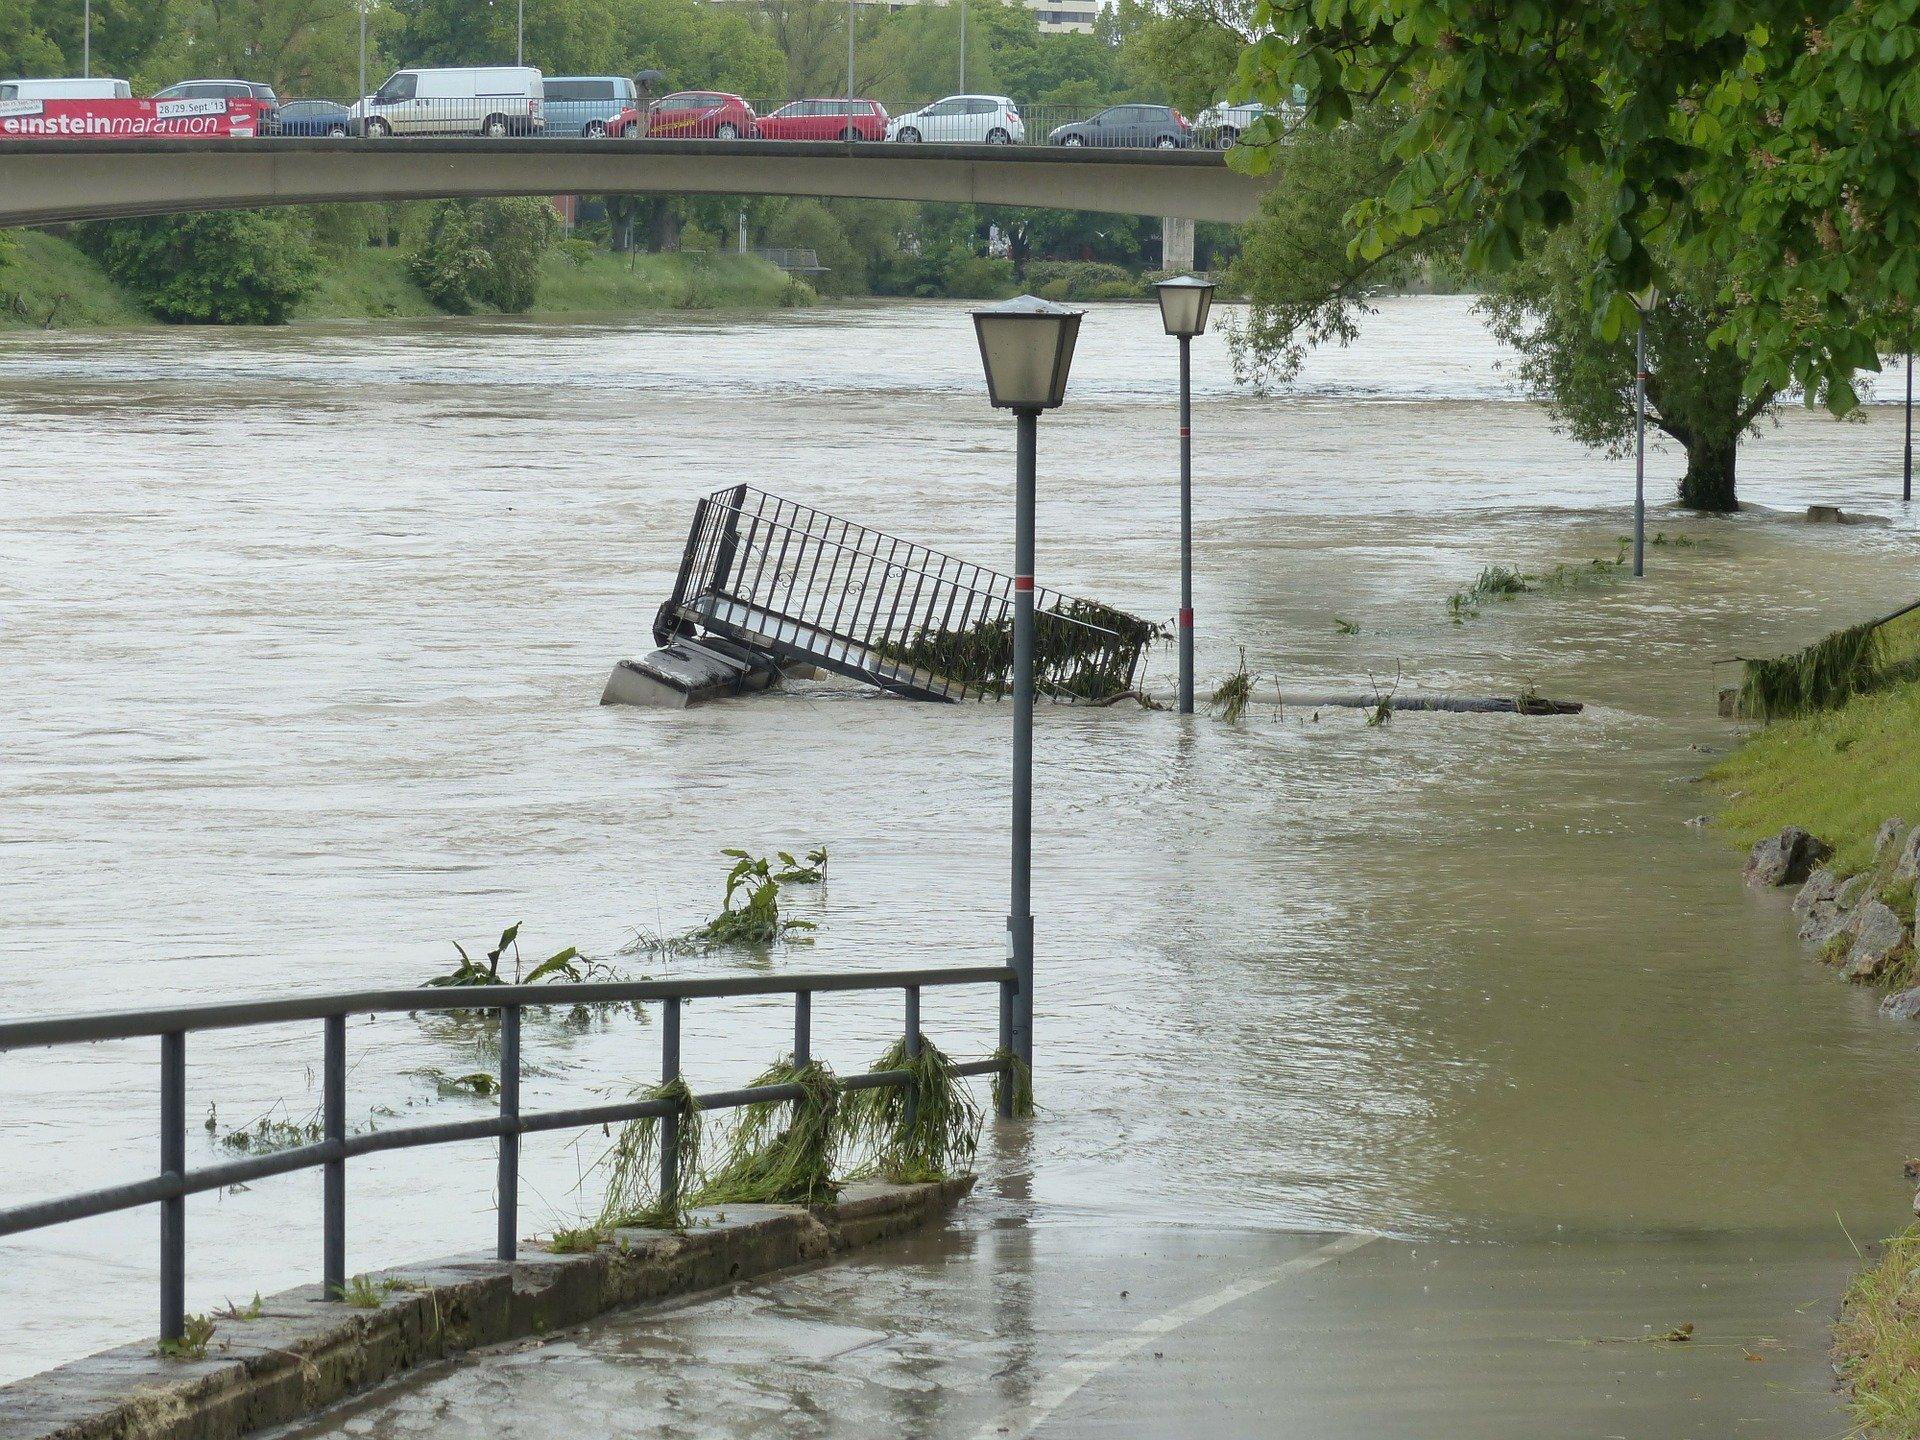 Fluss ist über die Ufer getreten Überflutung